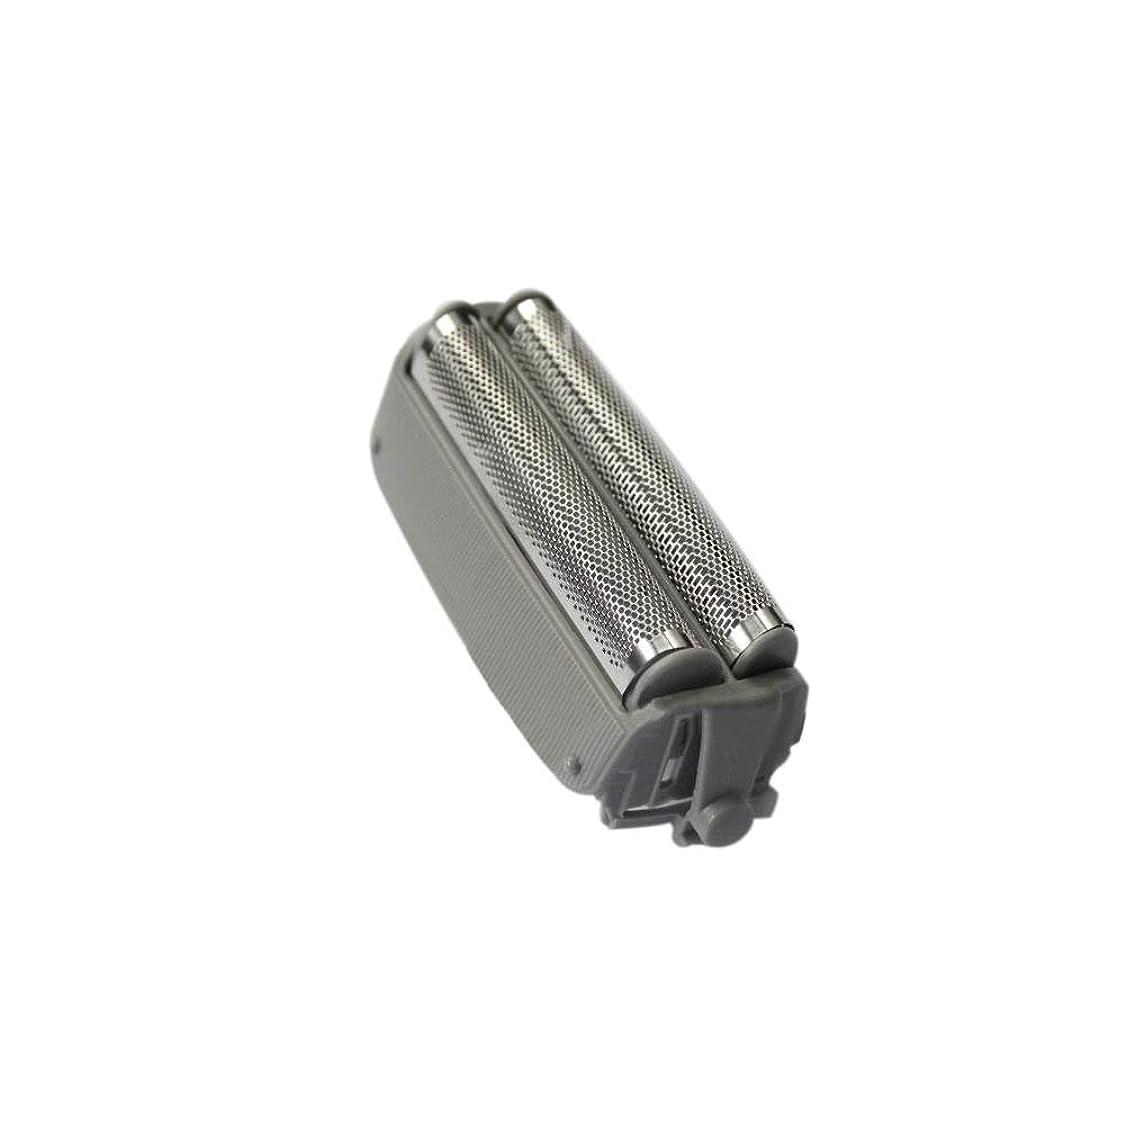 暗殺者特に鍔HZjundasi Replacement Outer ホイル for Panasonic ES4027/33/35/36 ES4820/23 ES9859